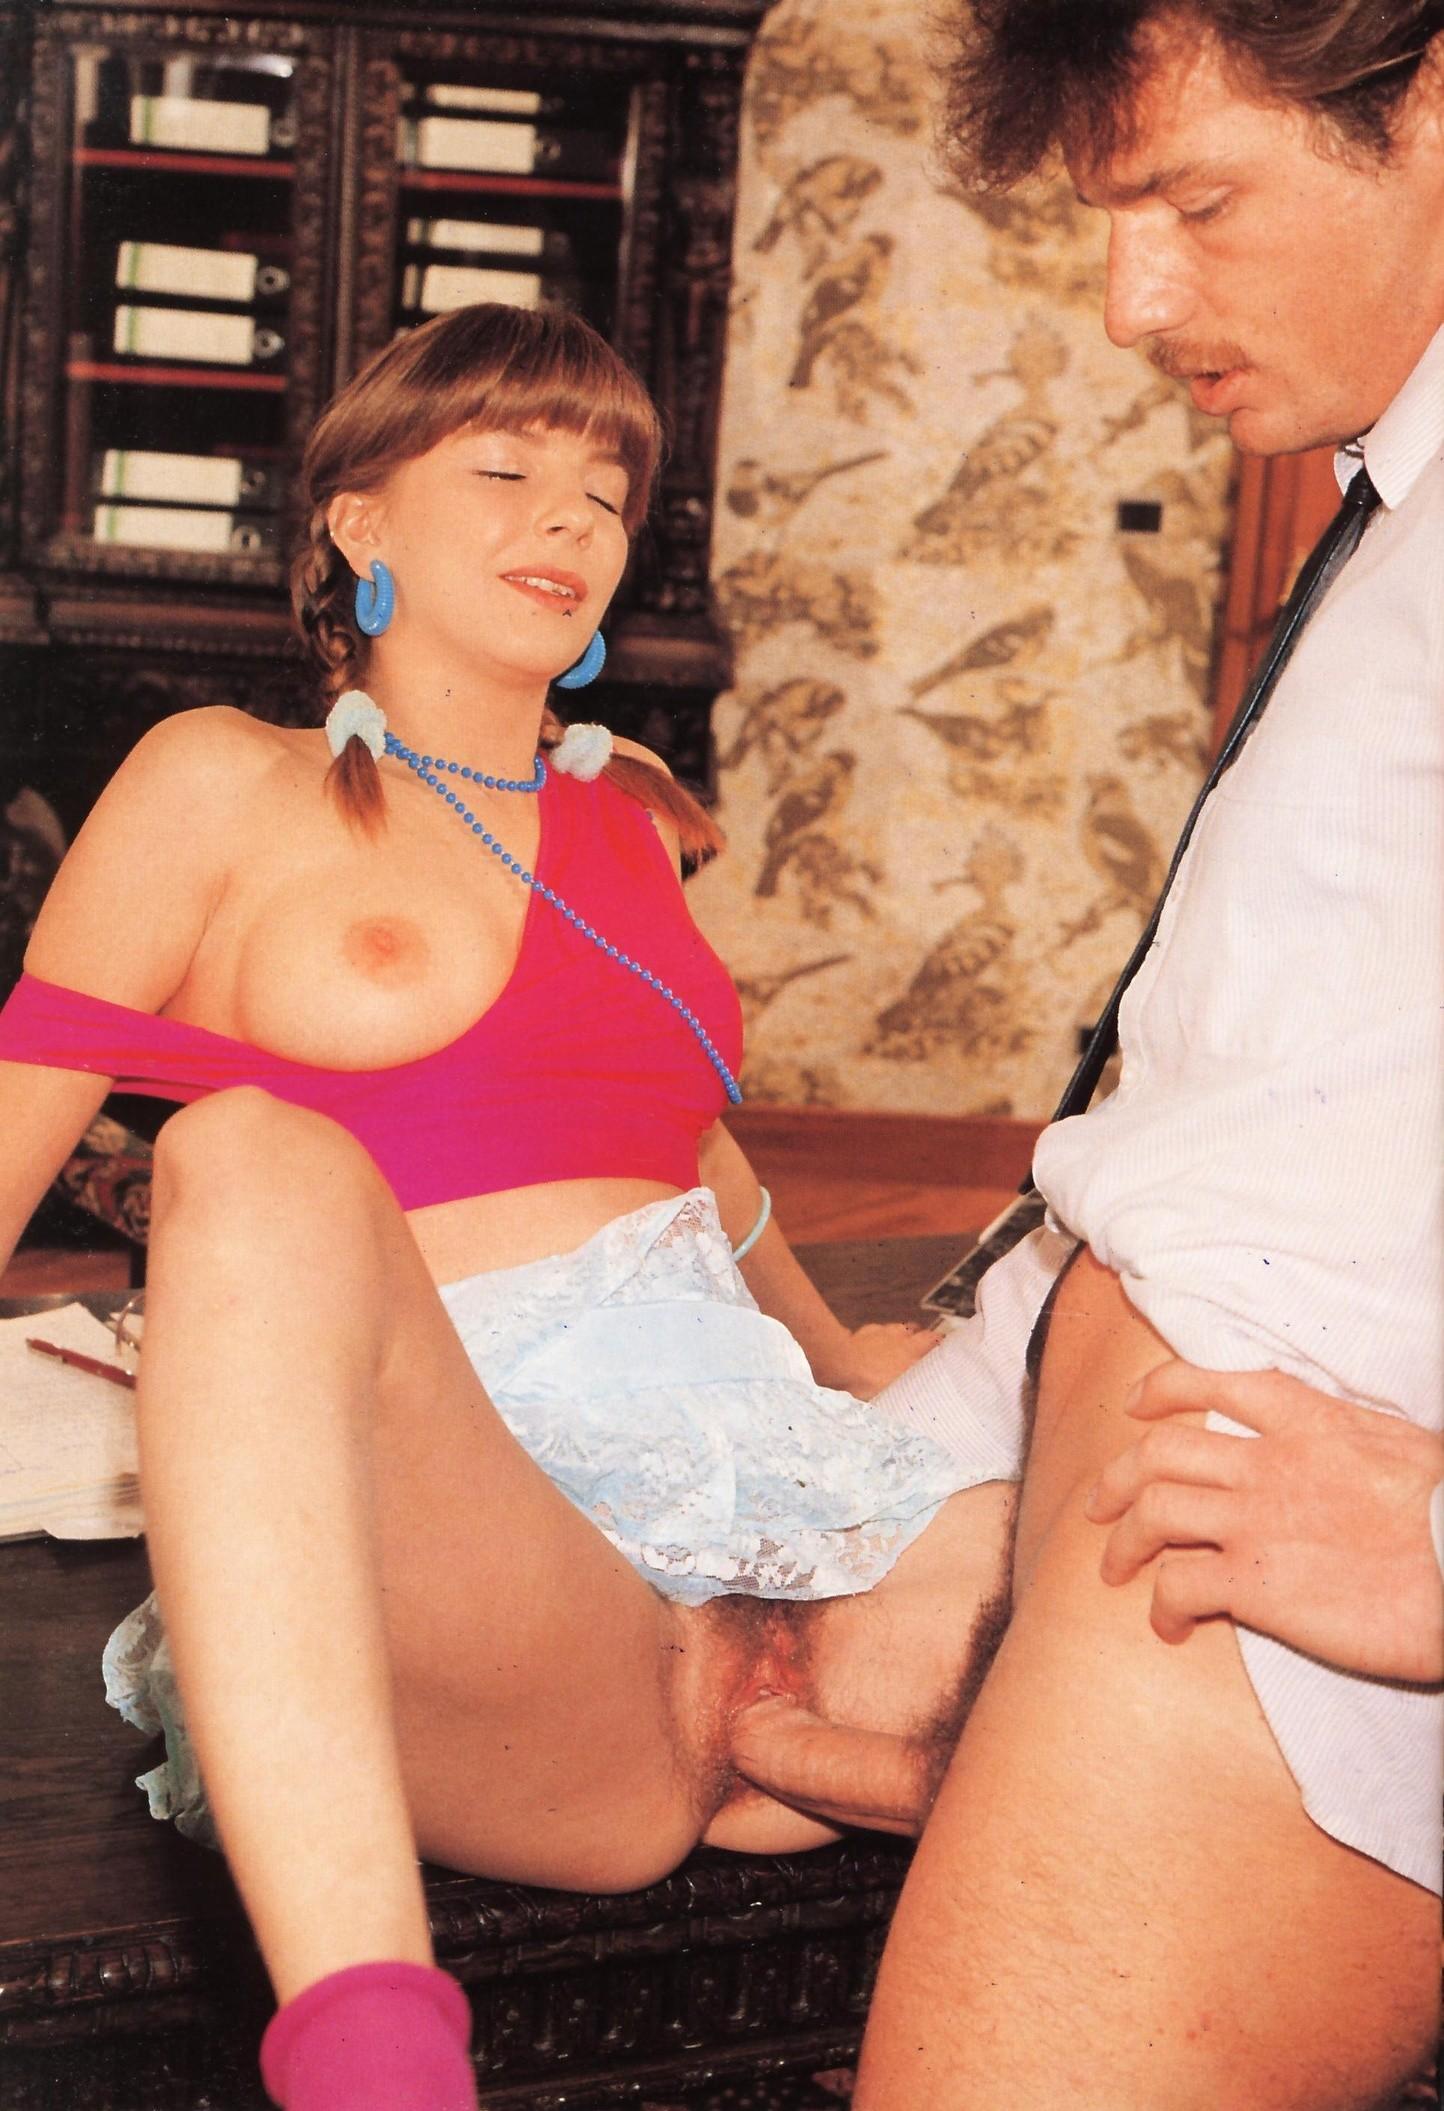 Практикантка Лакки решает соблазнить строгого начальника, чтобы ее стажировка прошла более успешно и легко